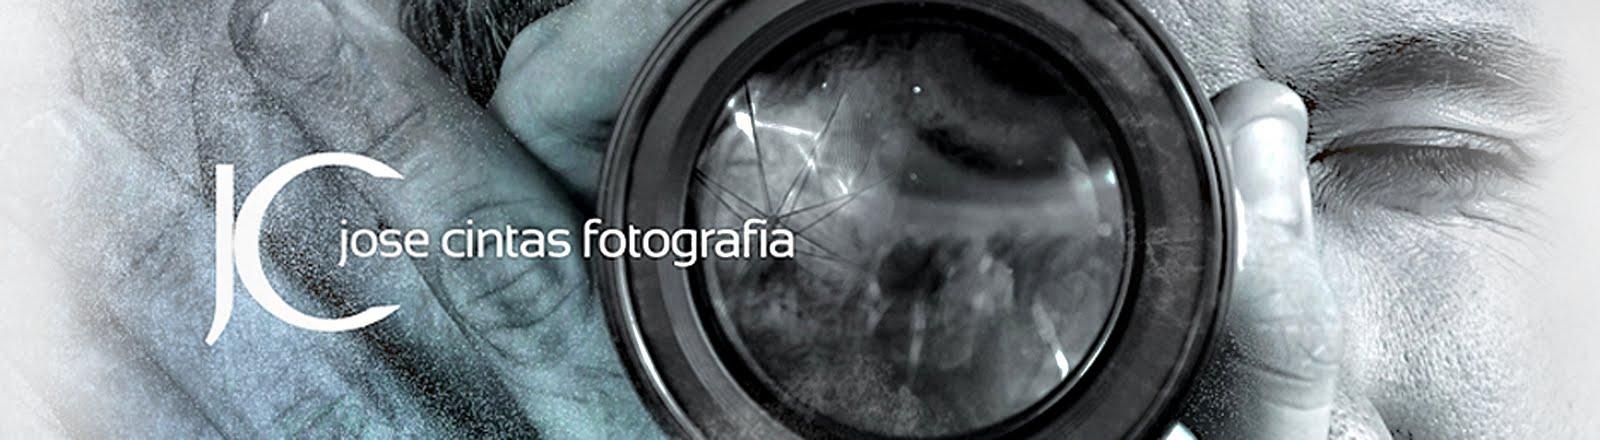 Jose Cintas Fotografía